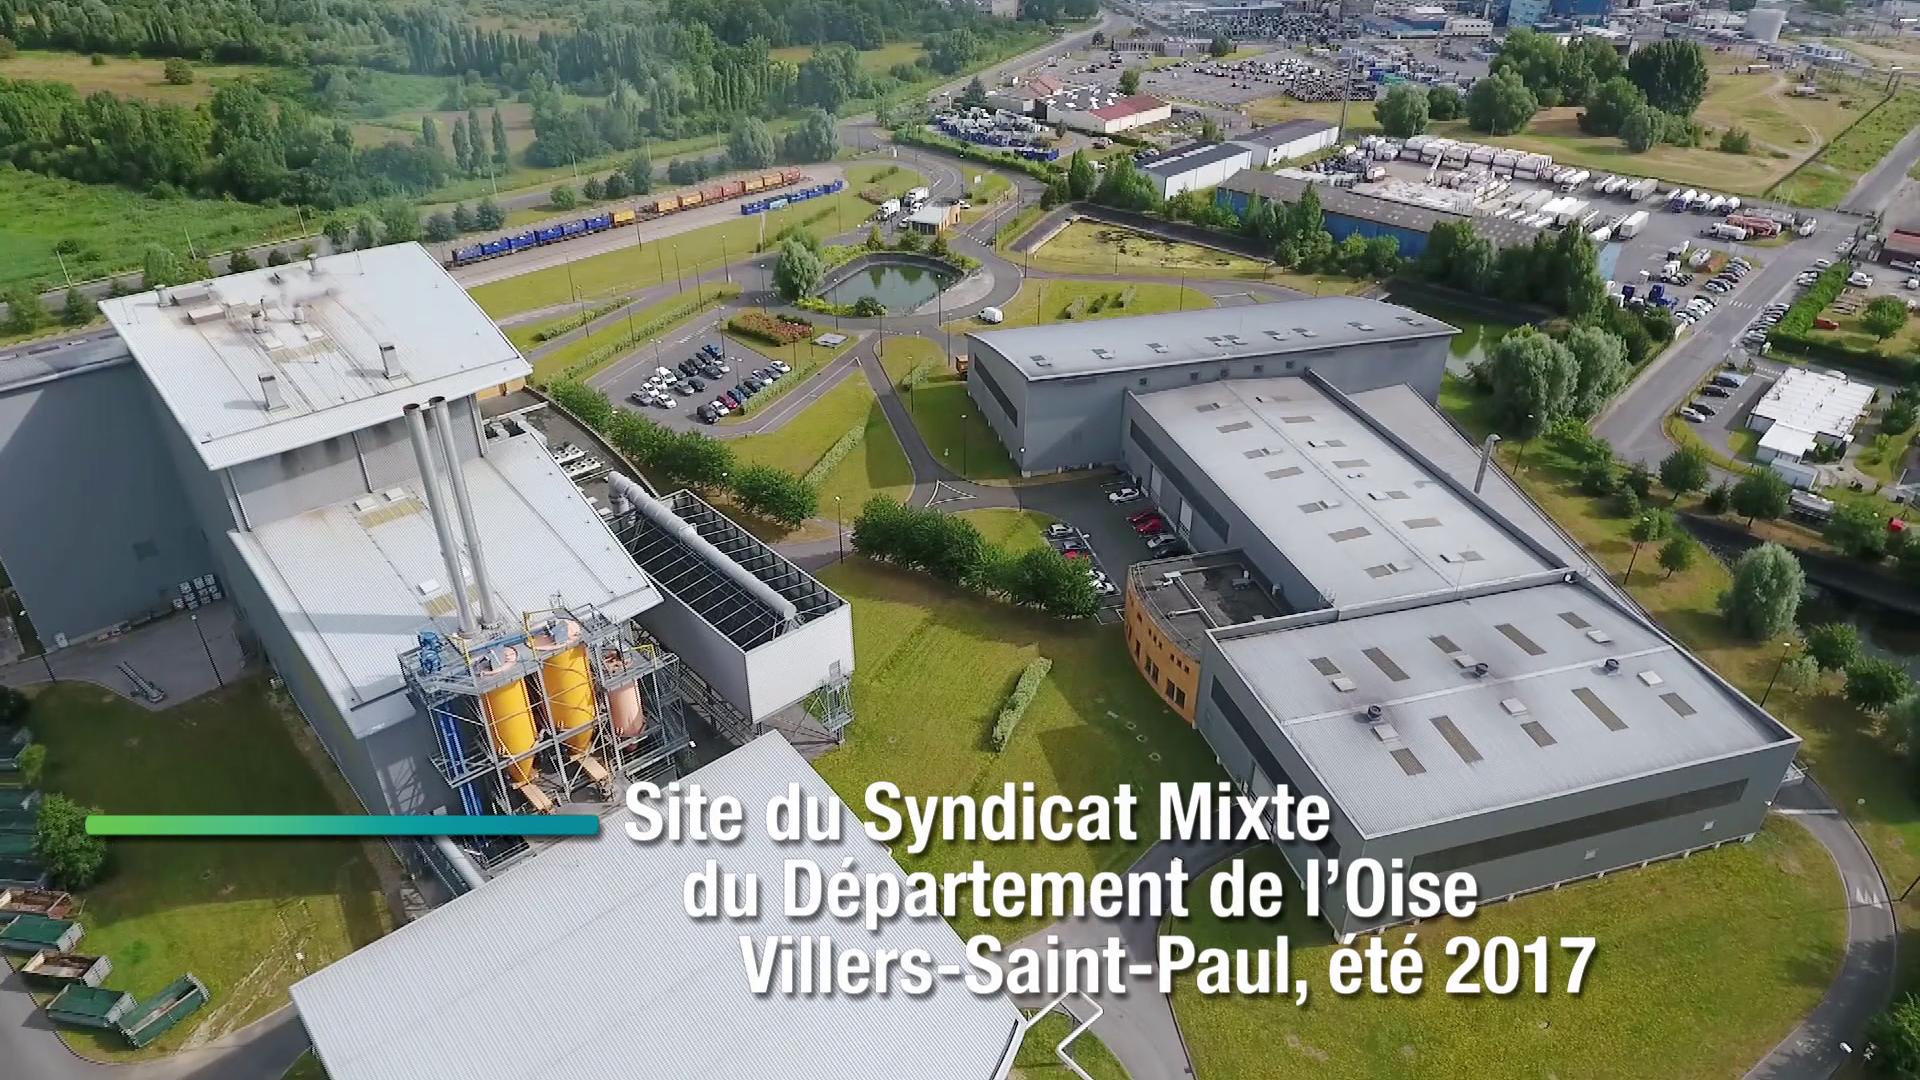 Communication audiovisuelle et vidéos d'entreprise Hauts-de-France